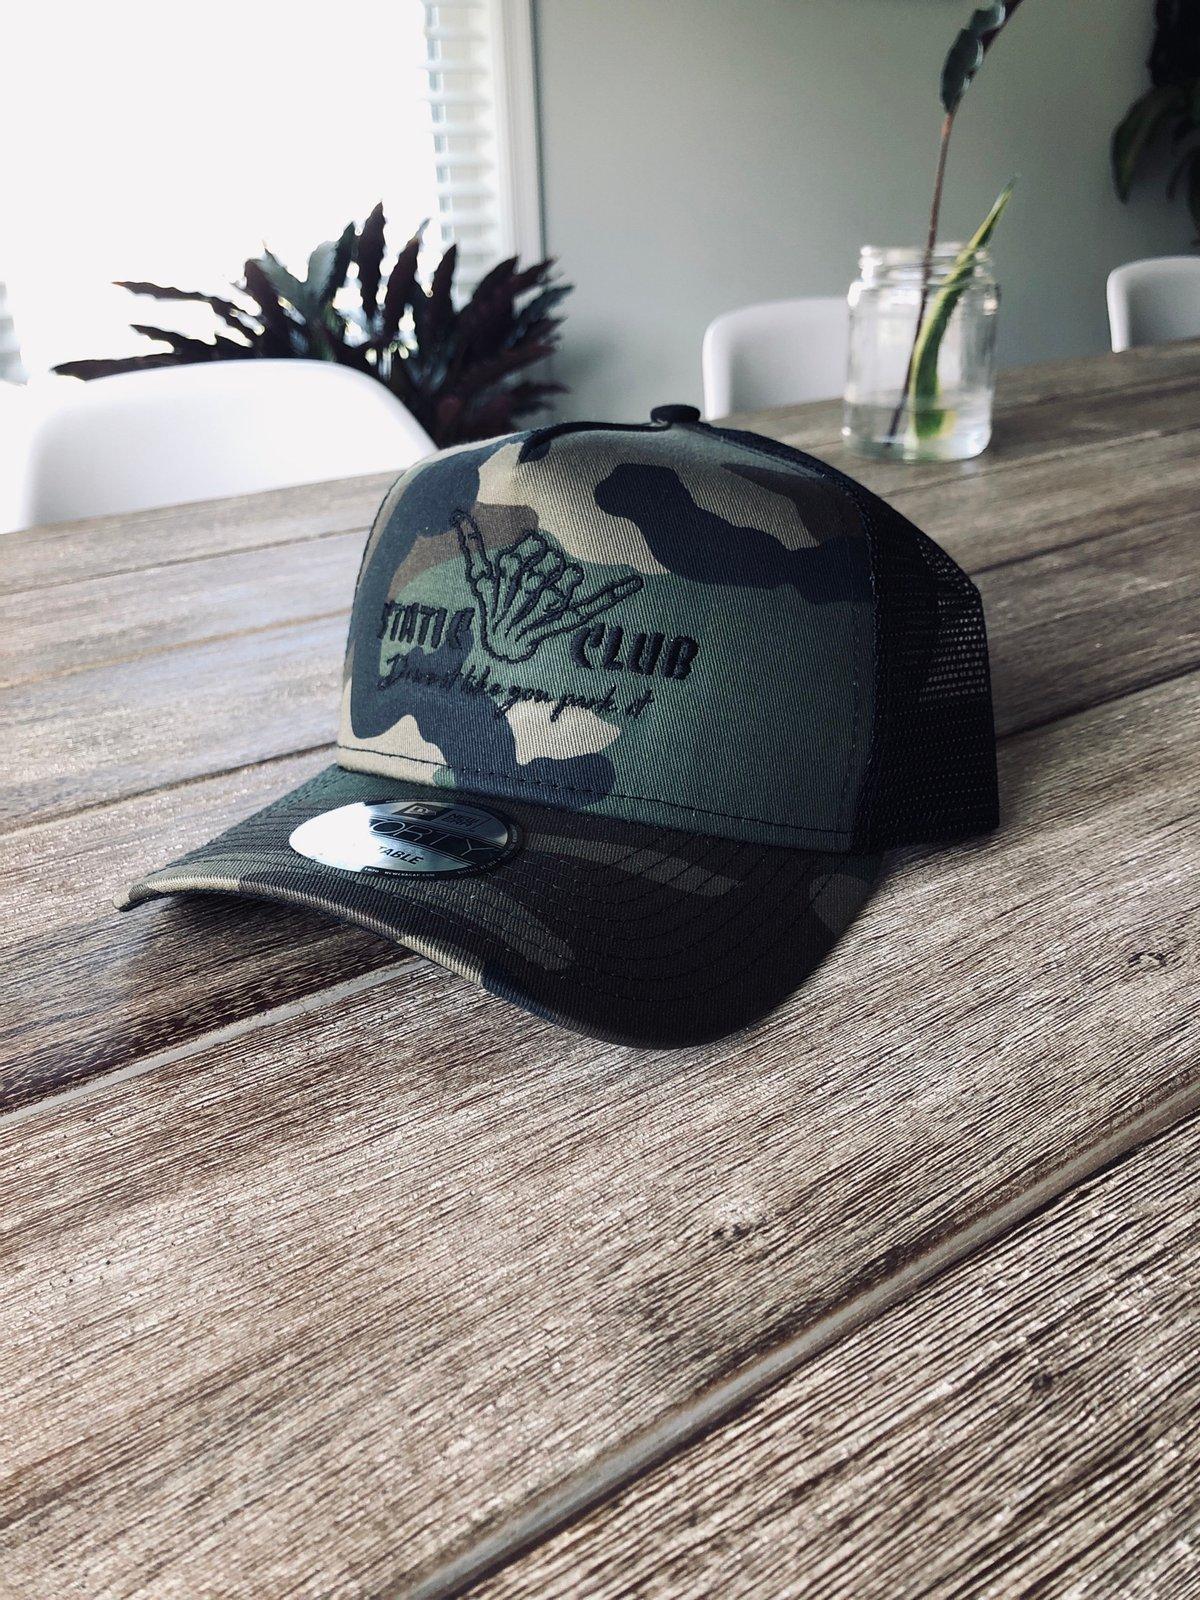 Guerrilla Trucker Hats